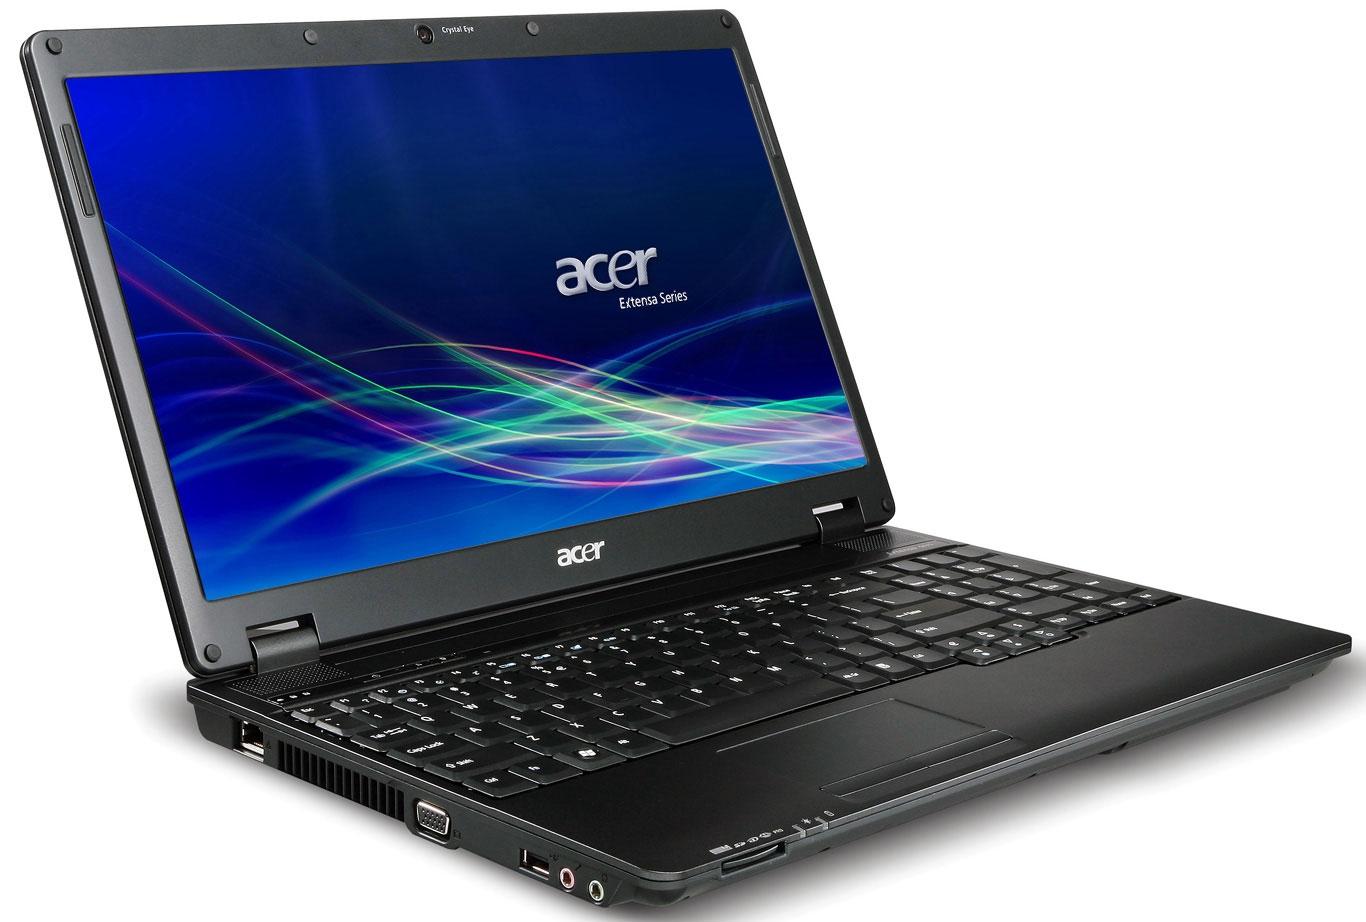 bán laptop cũ acer extensa 4230 giá rẻ tại hà nội